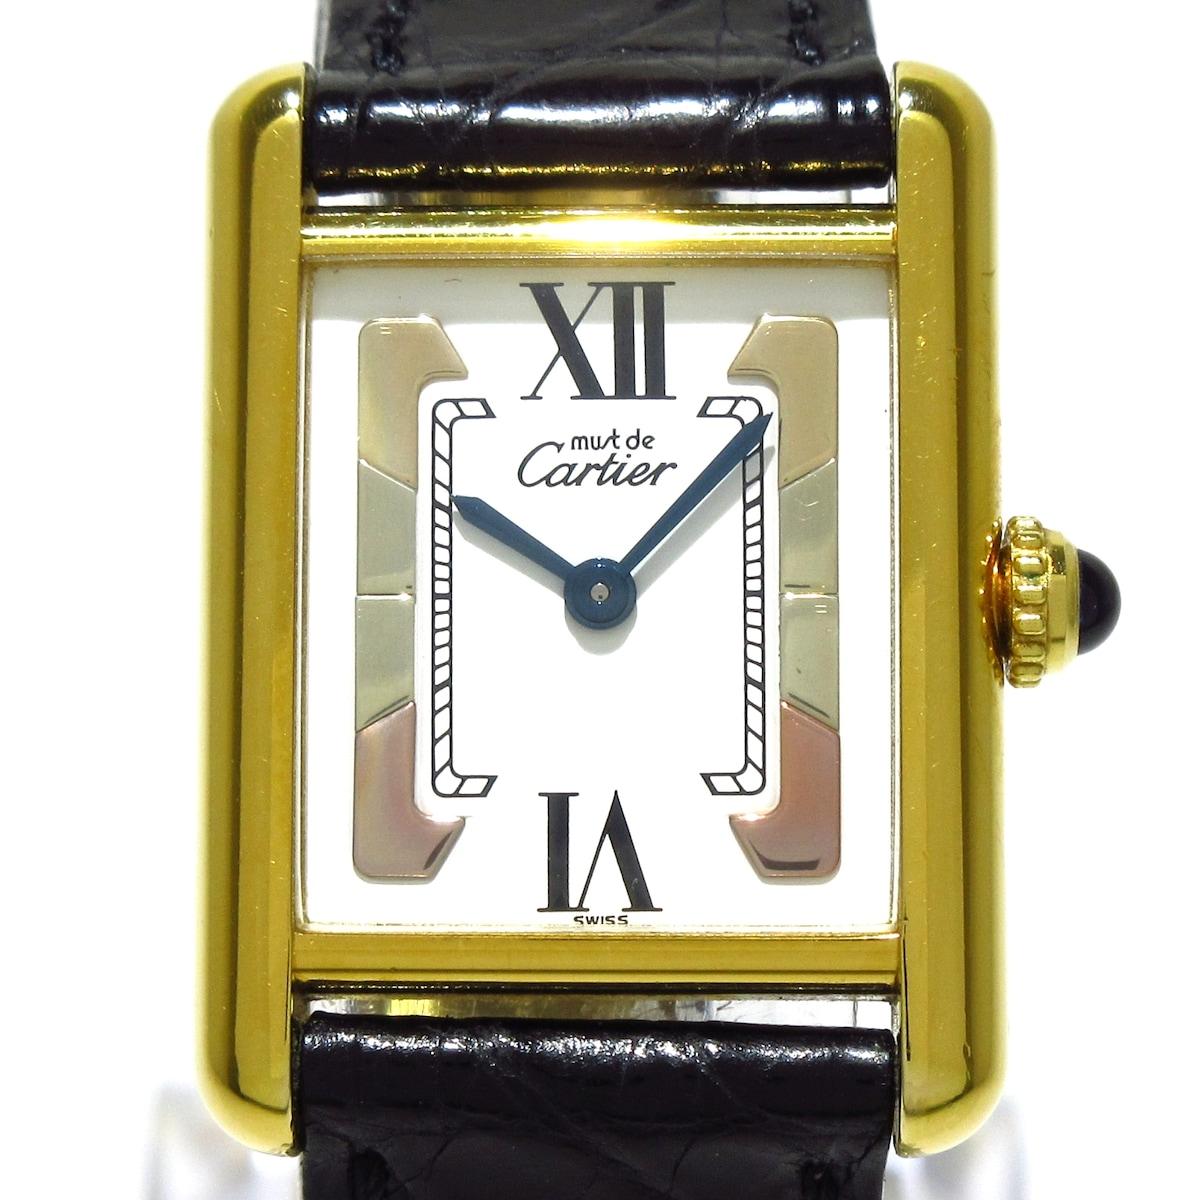 Cartier(カルティエ)のマストタンクヴェルメイユ